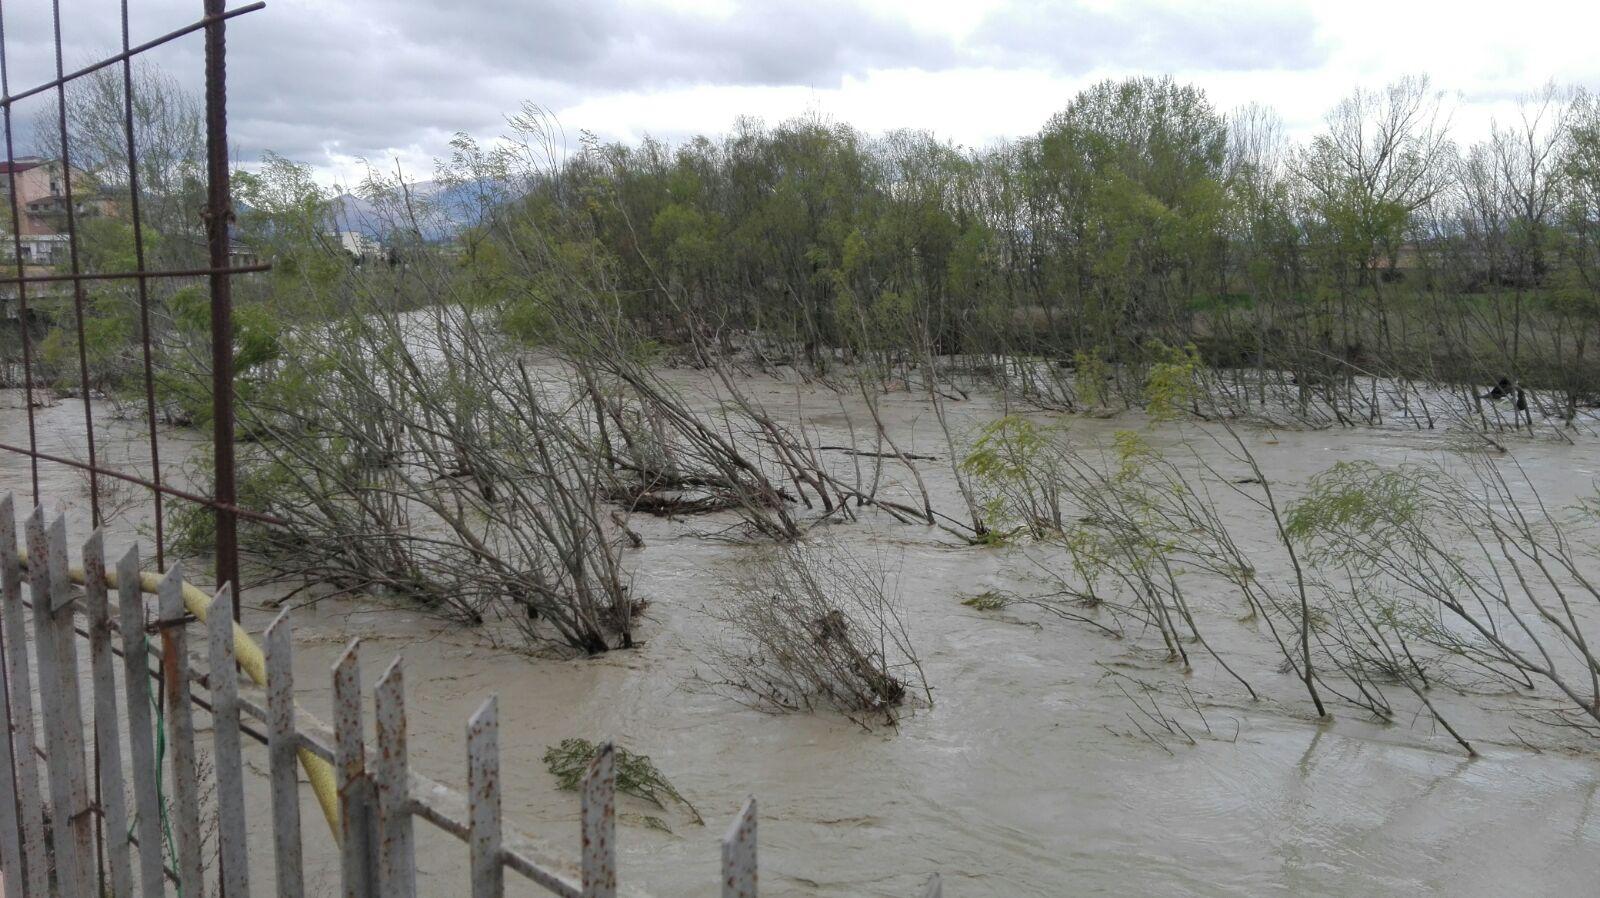 Piena dei fiumi: la rabbia del Comitato via San Pasquale